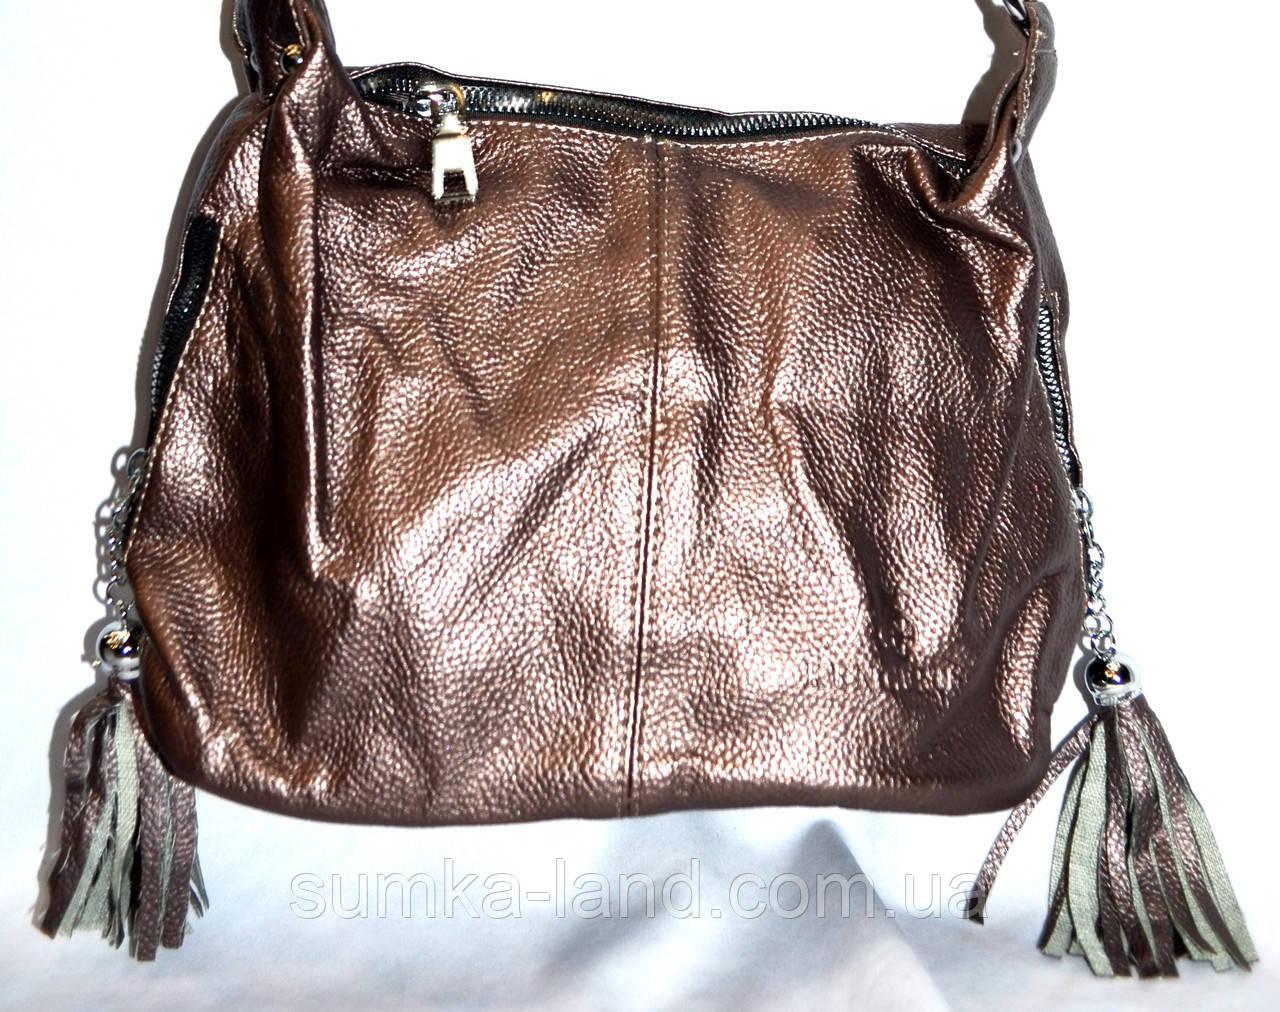 Женский бронзовый клатч из искусственной кожи 26*18 см